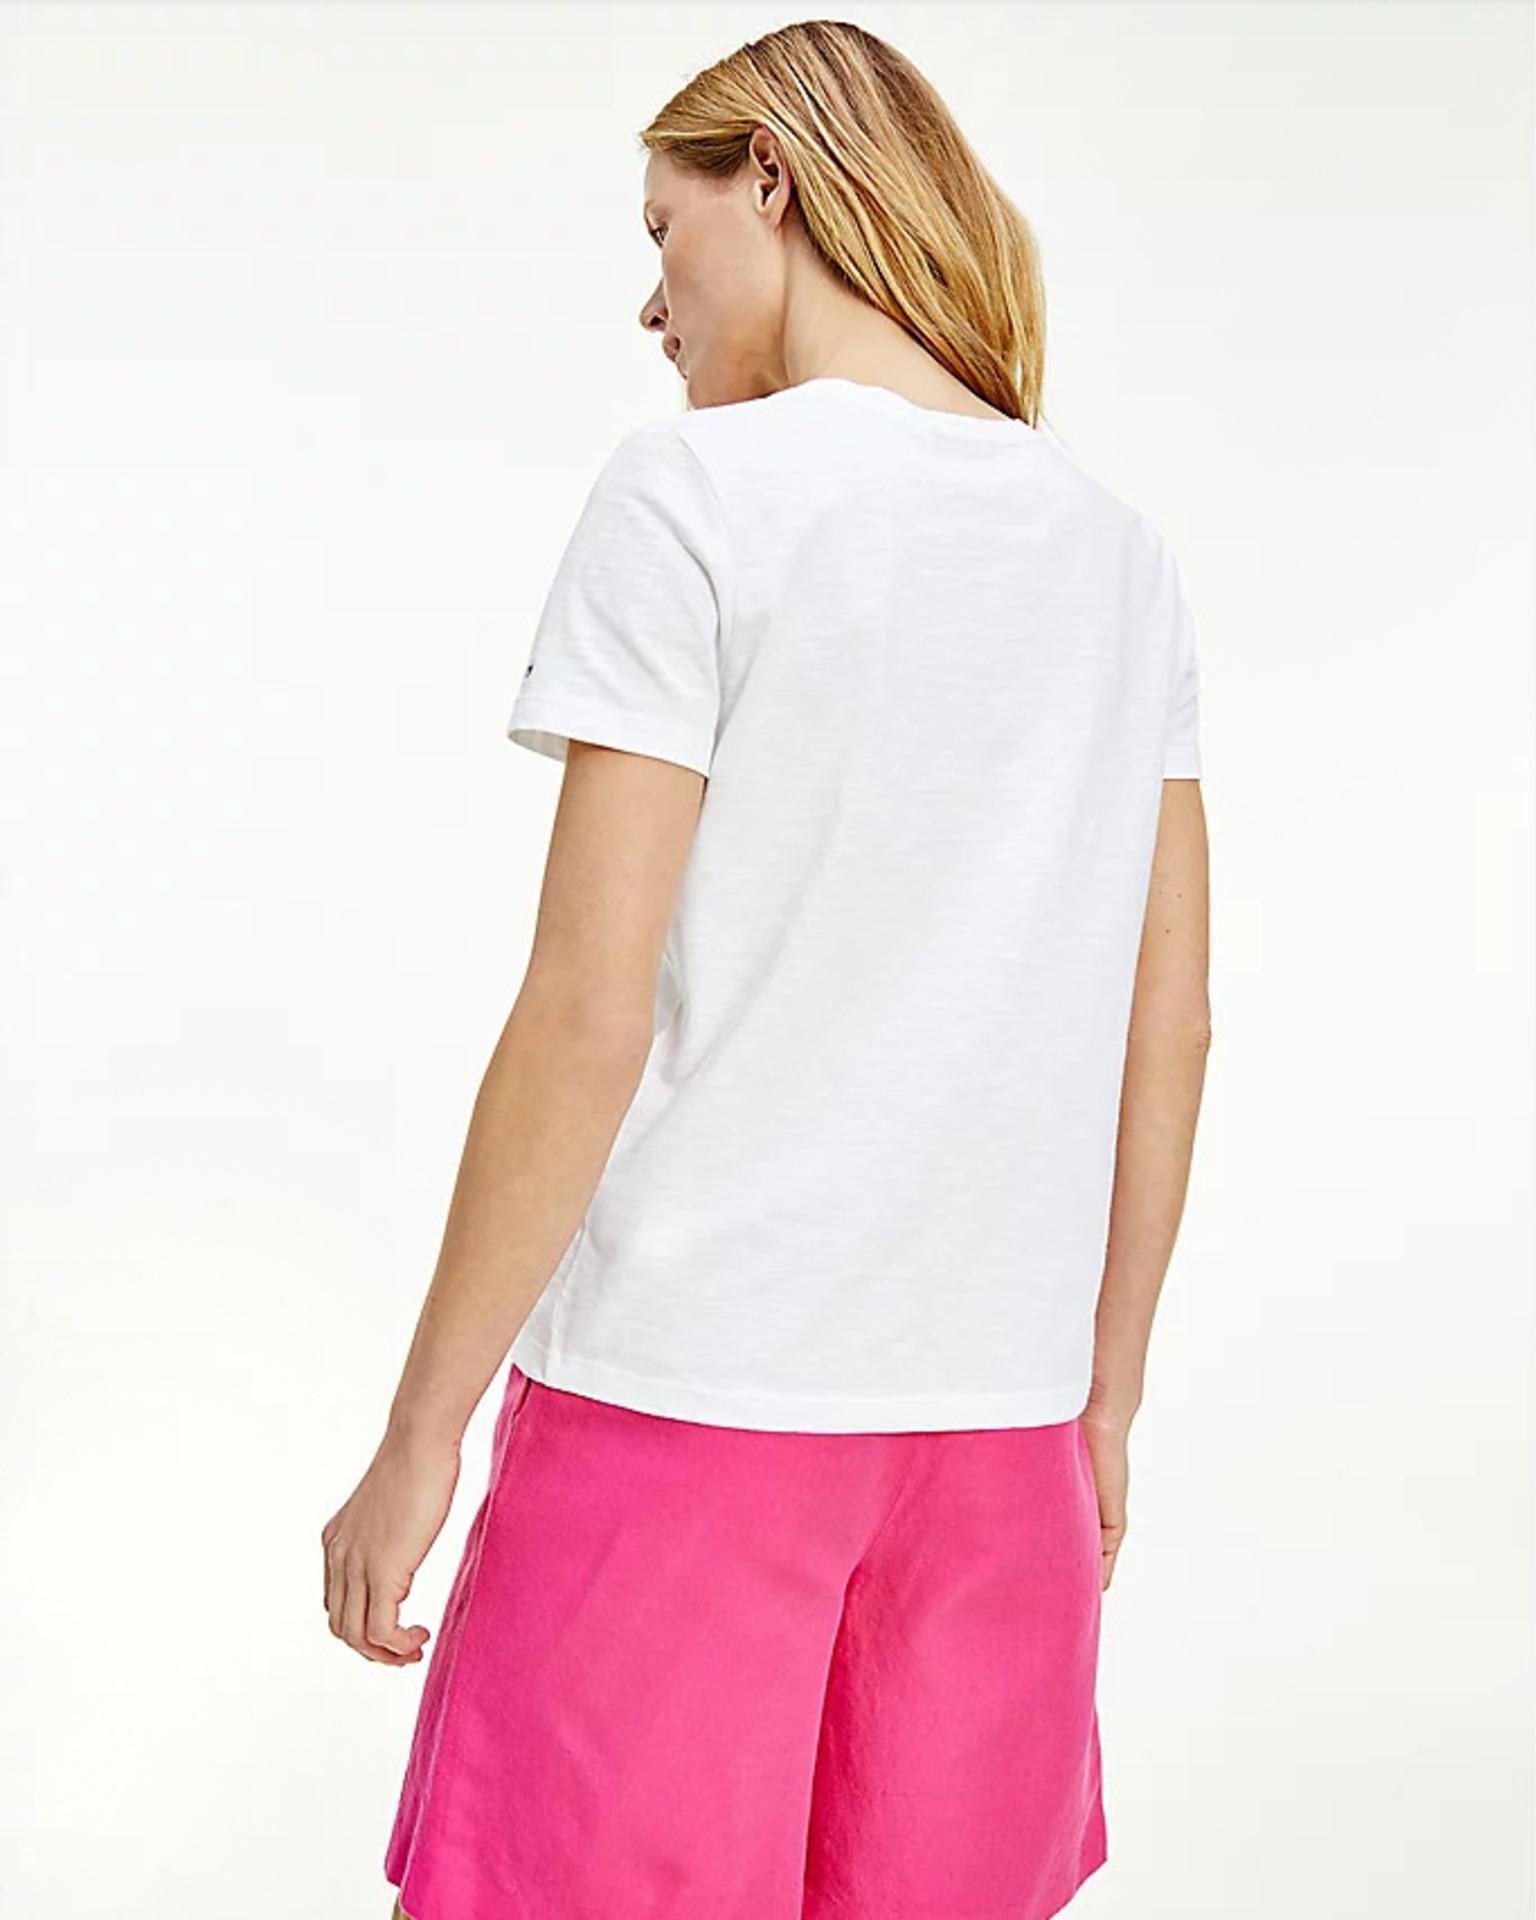 Tommy Hilfiger biały damska koszulka Tee